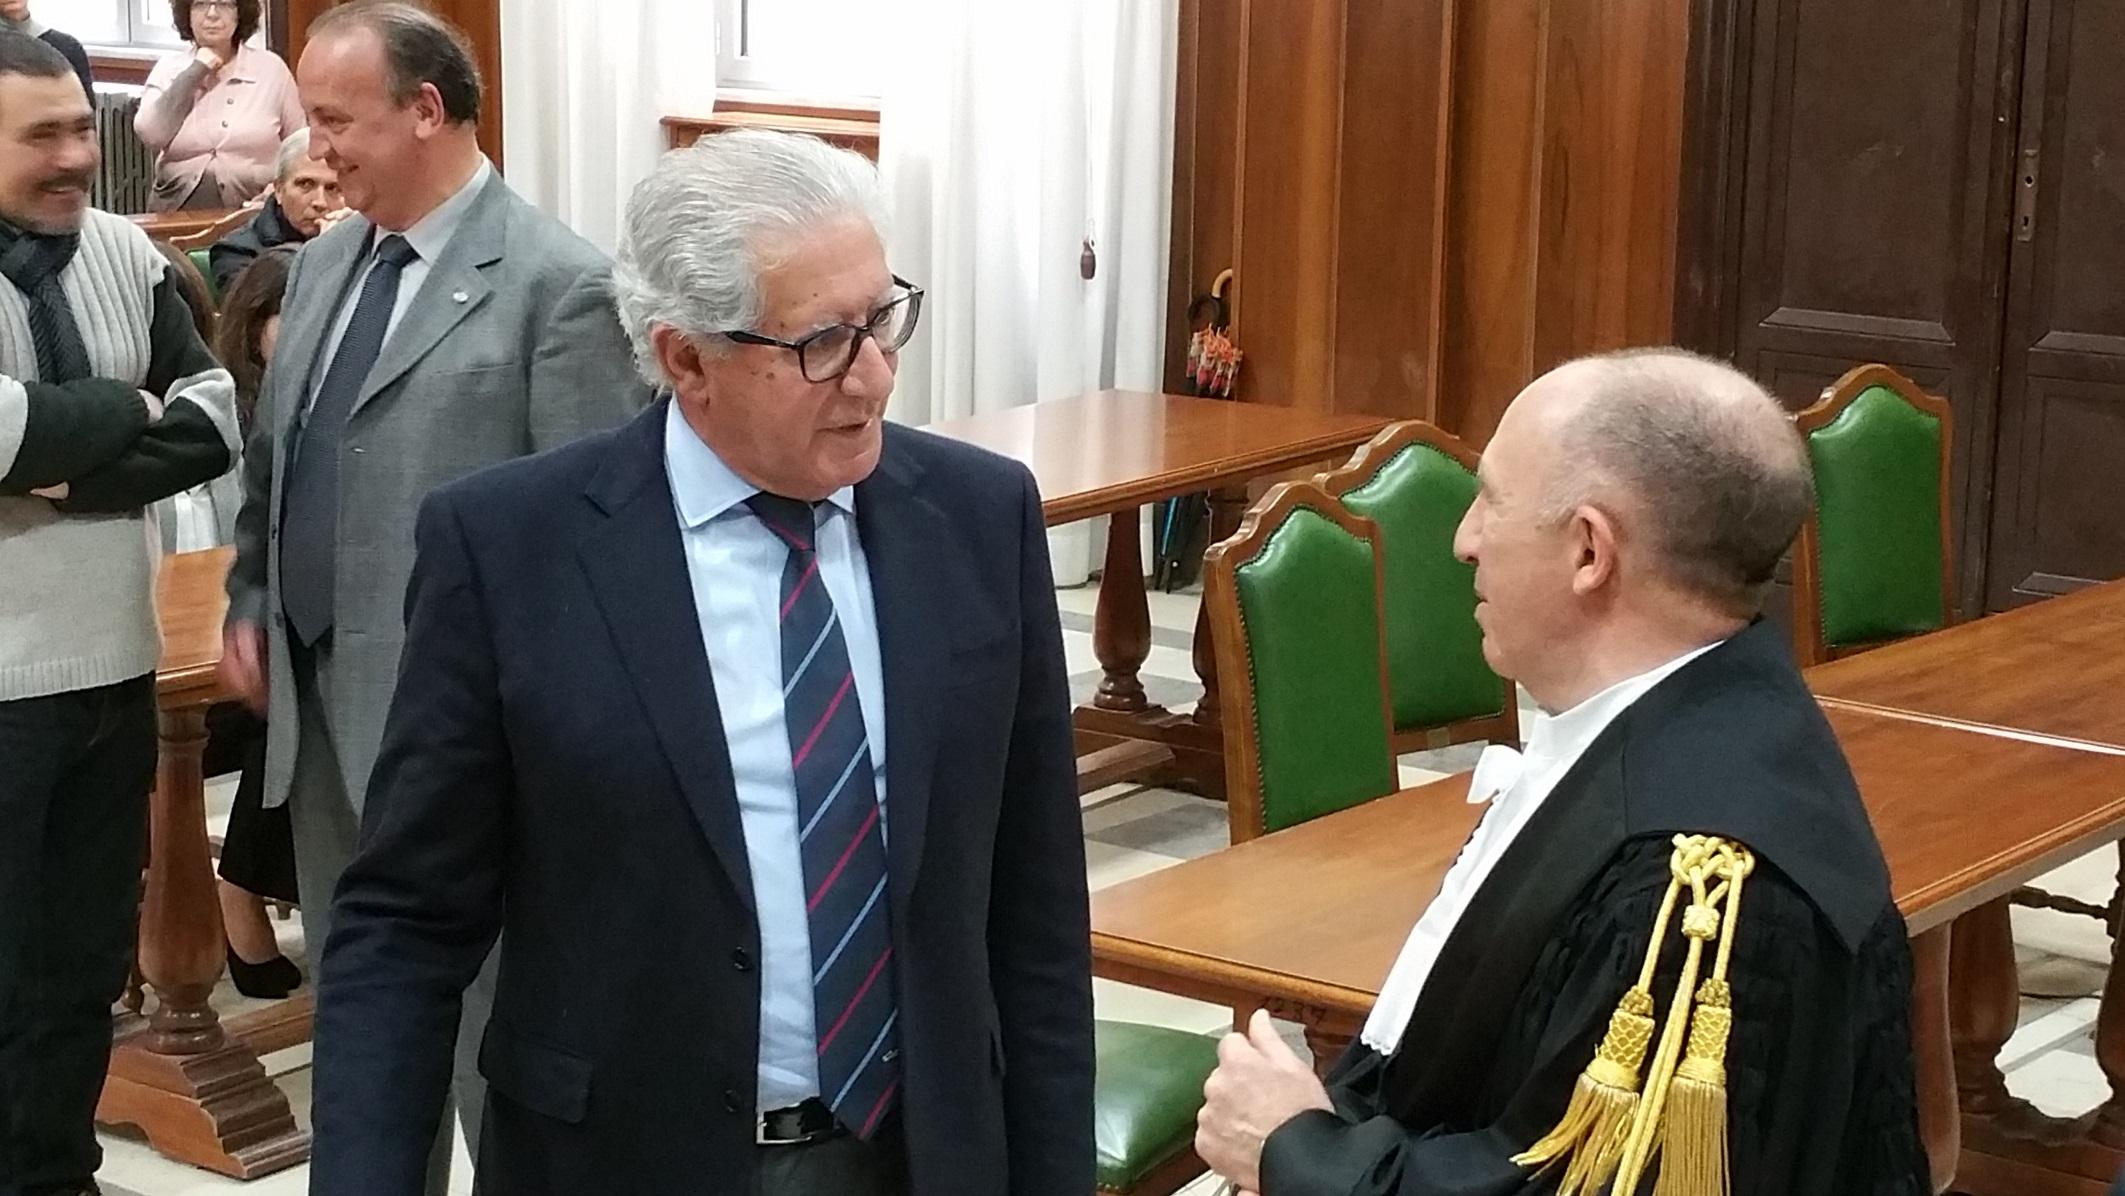 Dalla 'ndrangheta alla pubblica amministrazioneGli impegni del neo procuratore di Vibo, Giordano